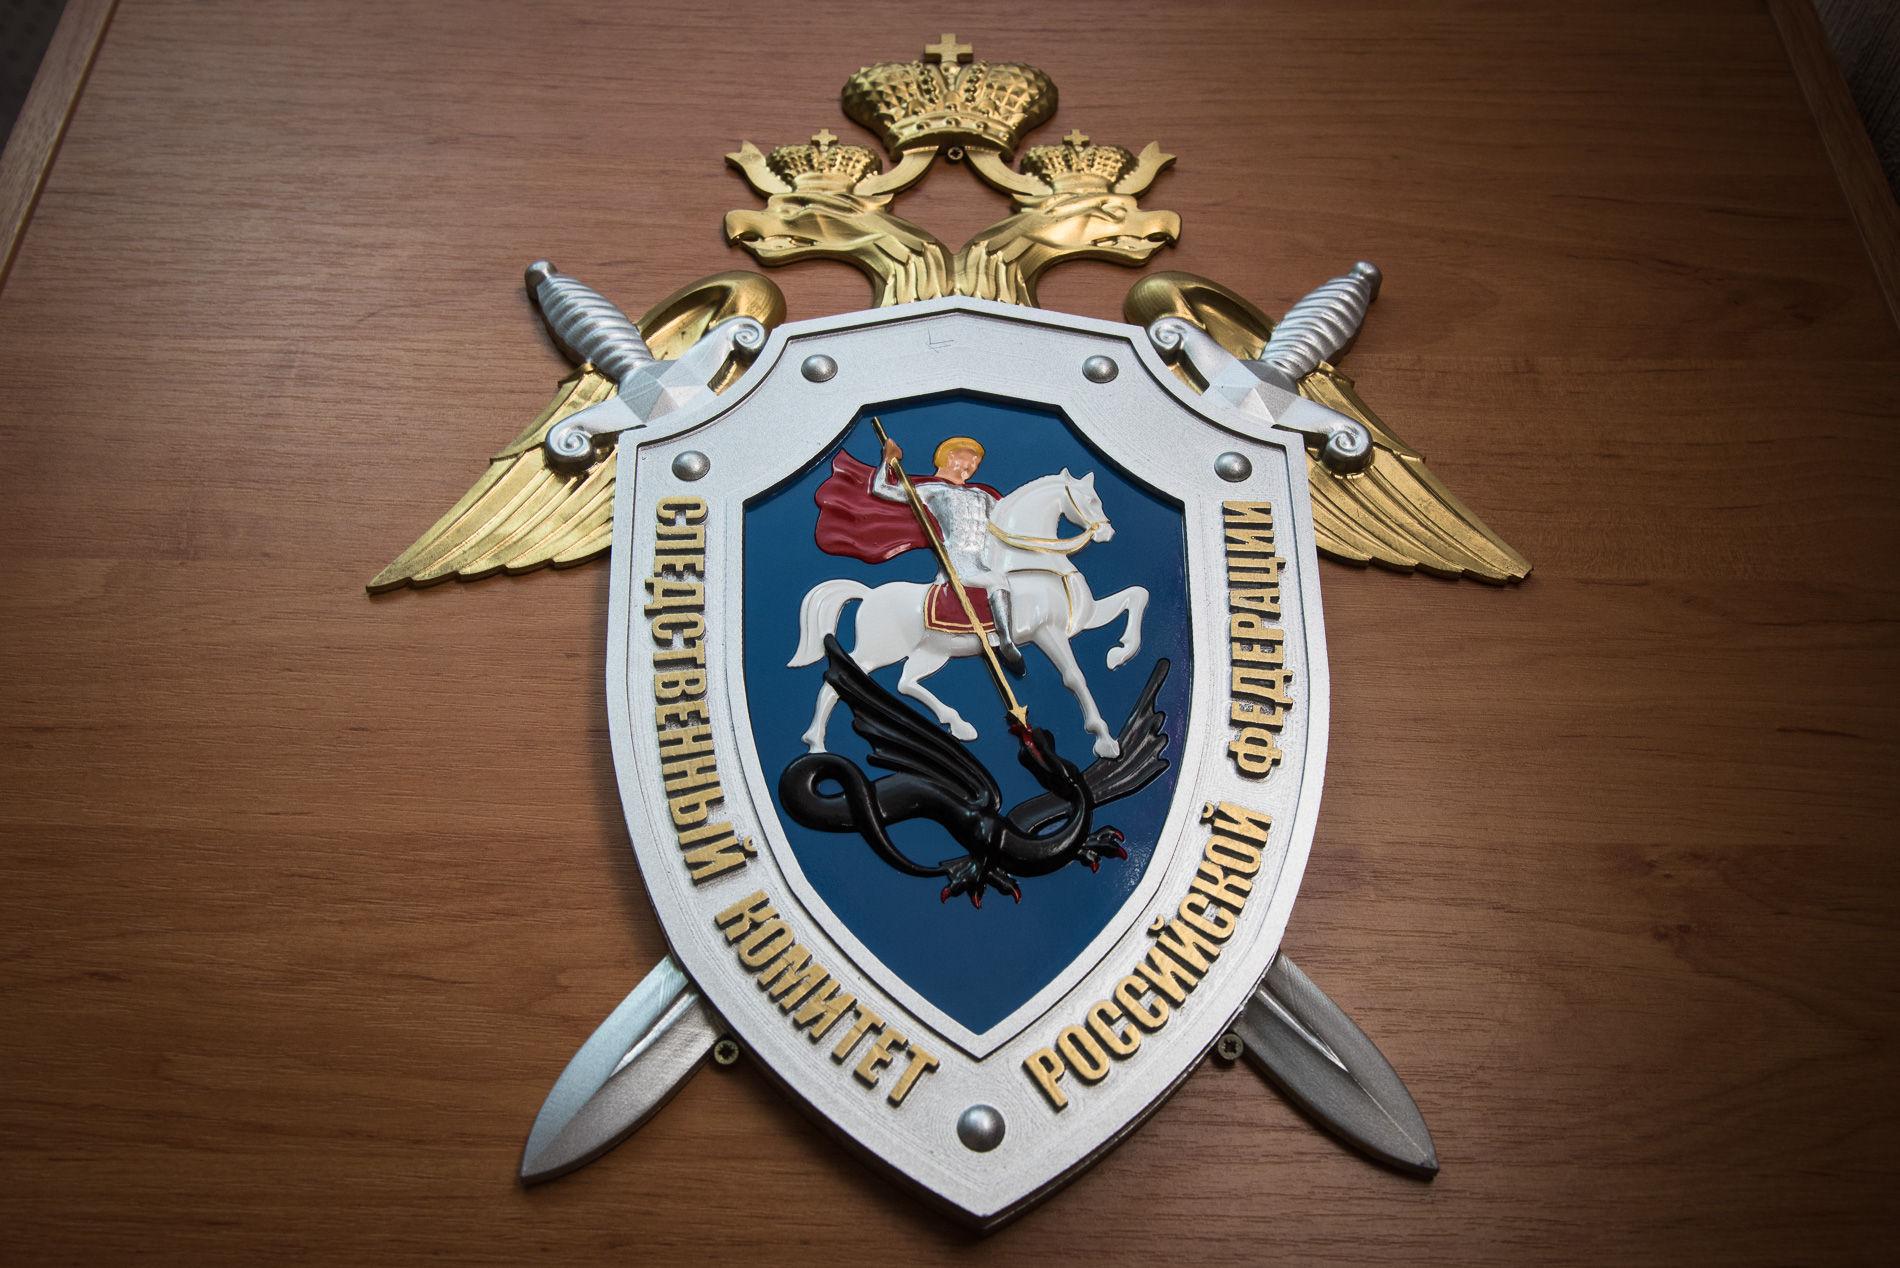 ВКаневском районе депутат сельского поселения подозревается вмошенничестве